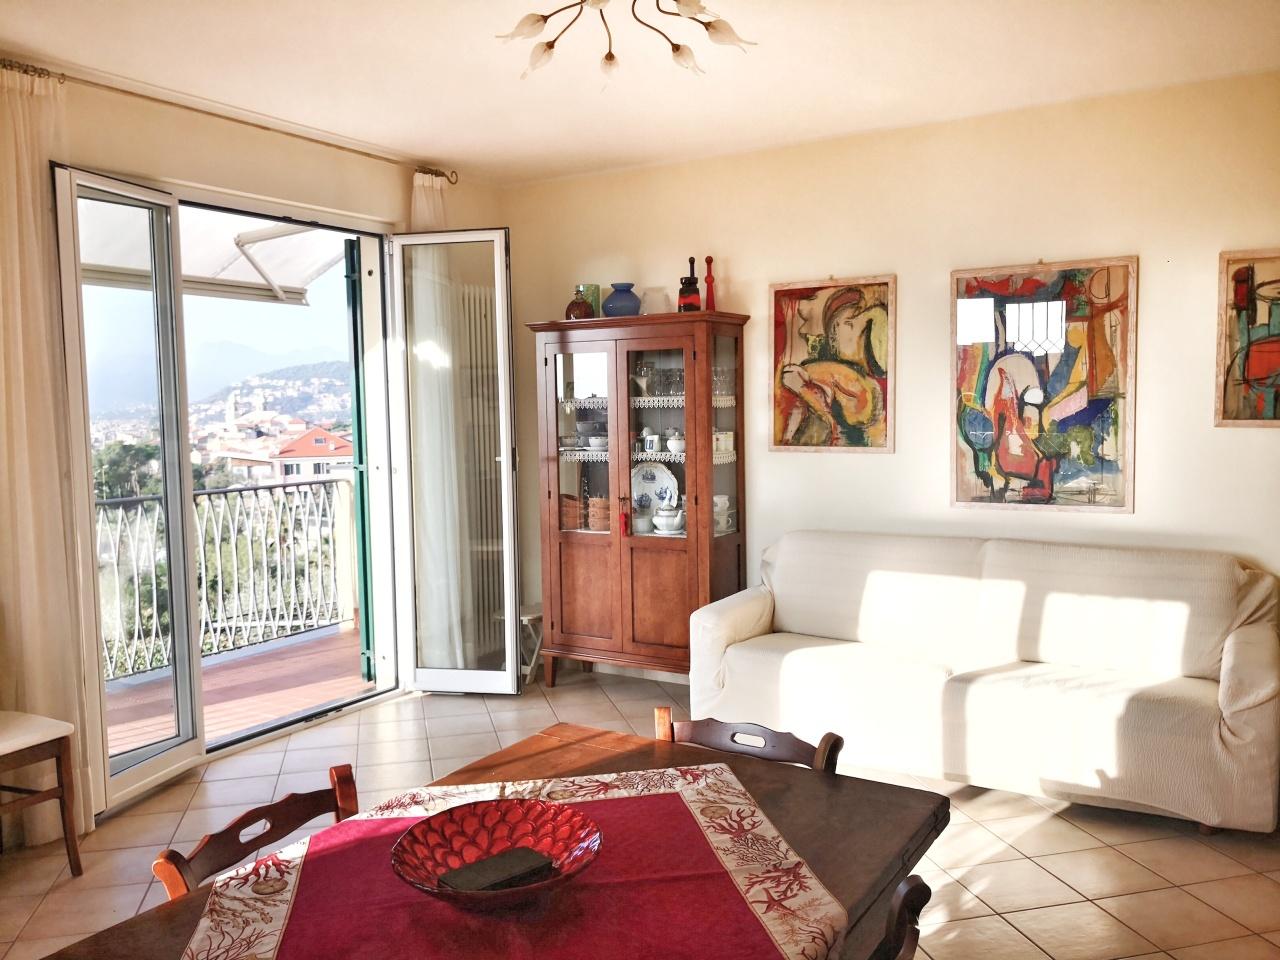 Appartamento in vendita a Borgio Verezzi, 3 locali, prezzo € 500.000 | PortaleAgenzieImmobiliari.it